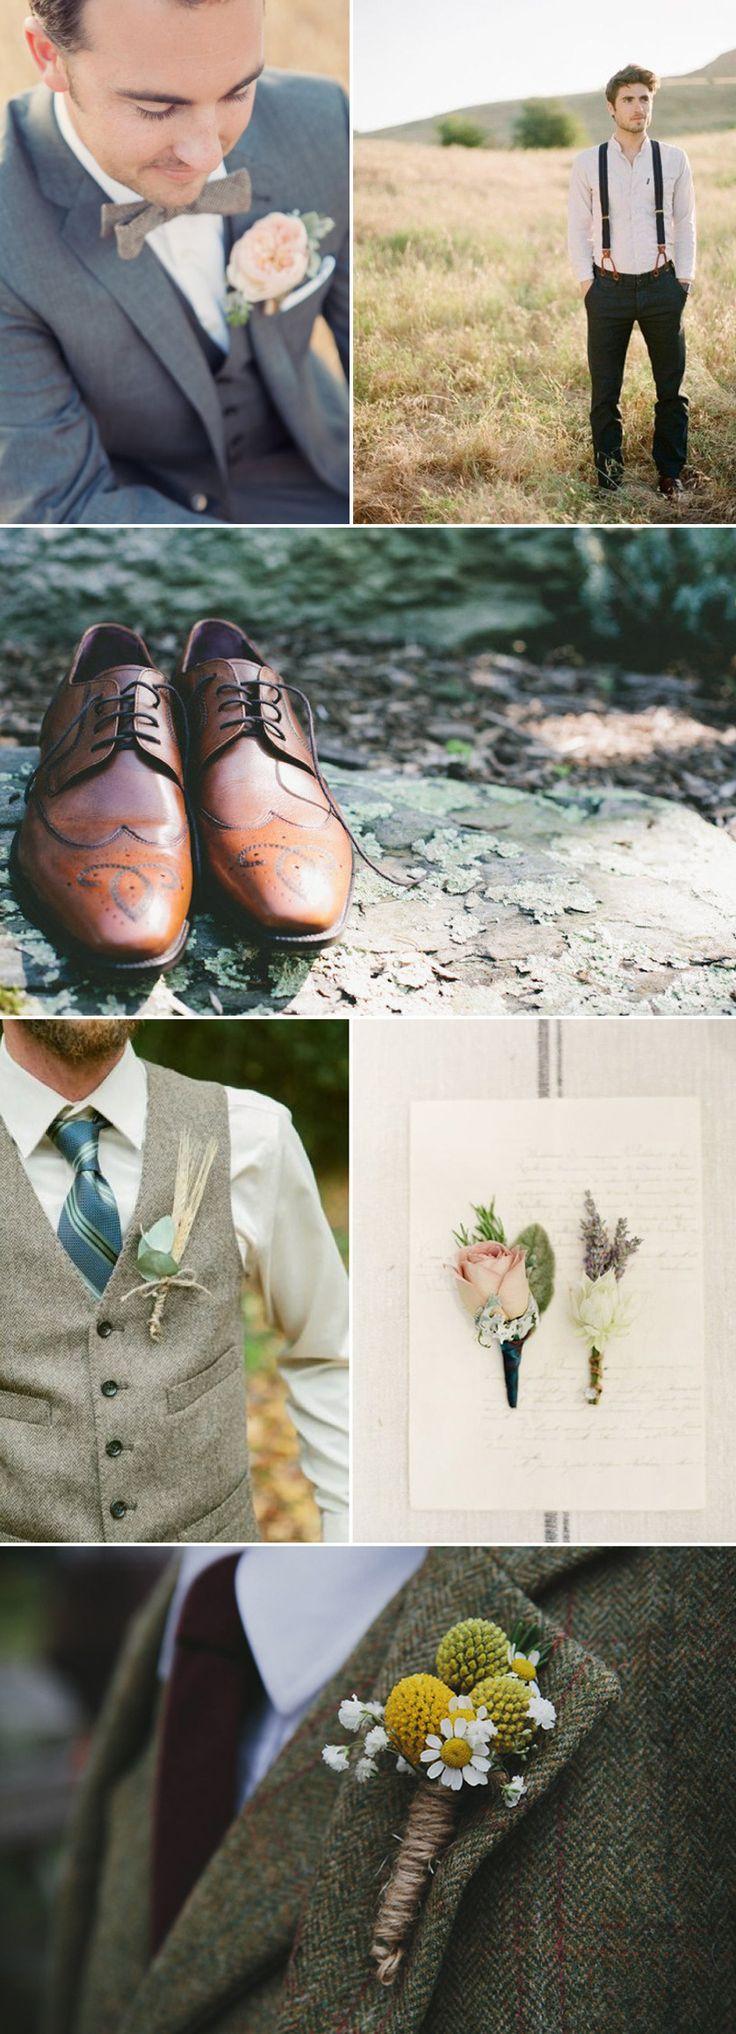 Rustic Romance | Style Focused Wedding Venue Directory | Coco Wedding Venues